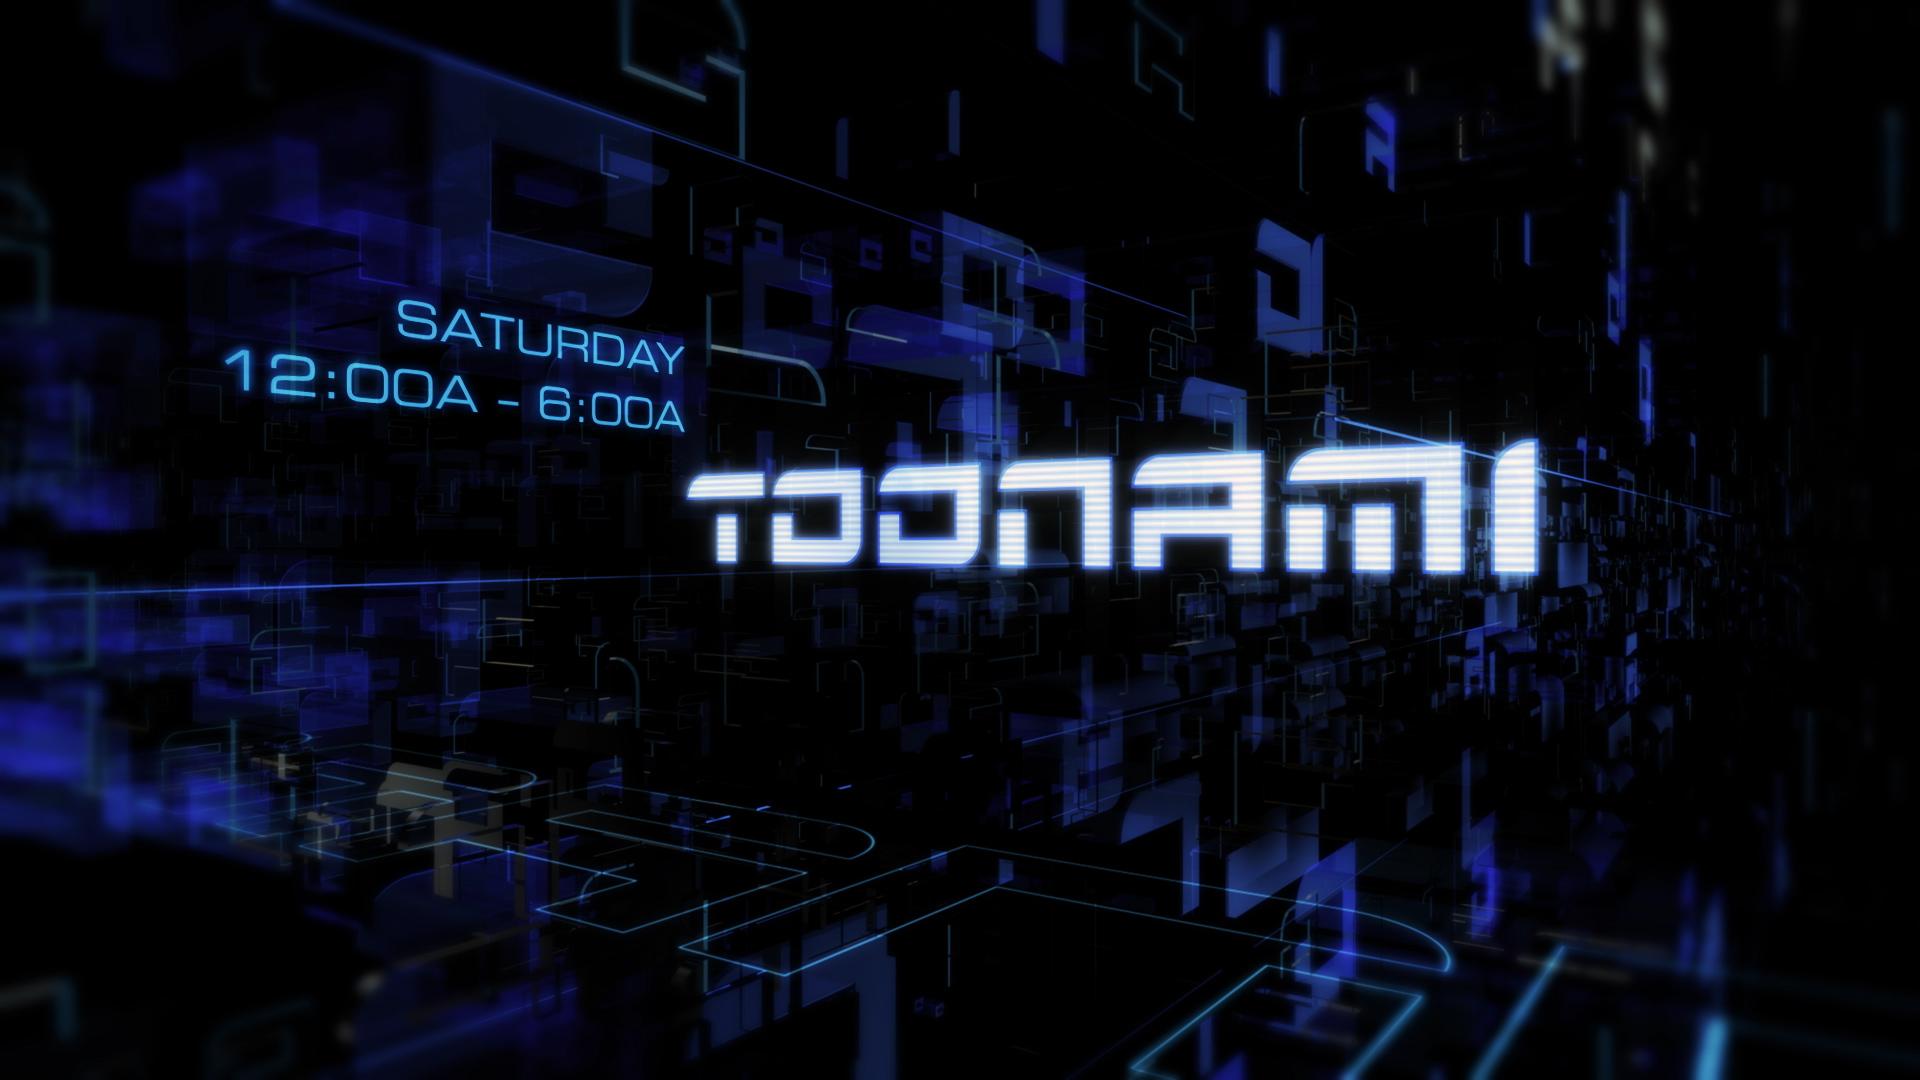 TOONAMI_Endpage_.jpg